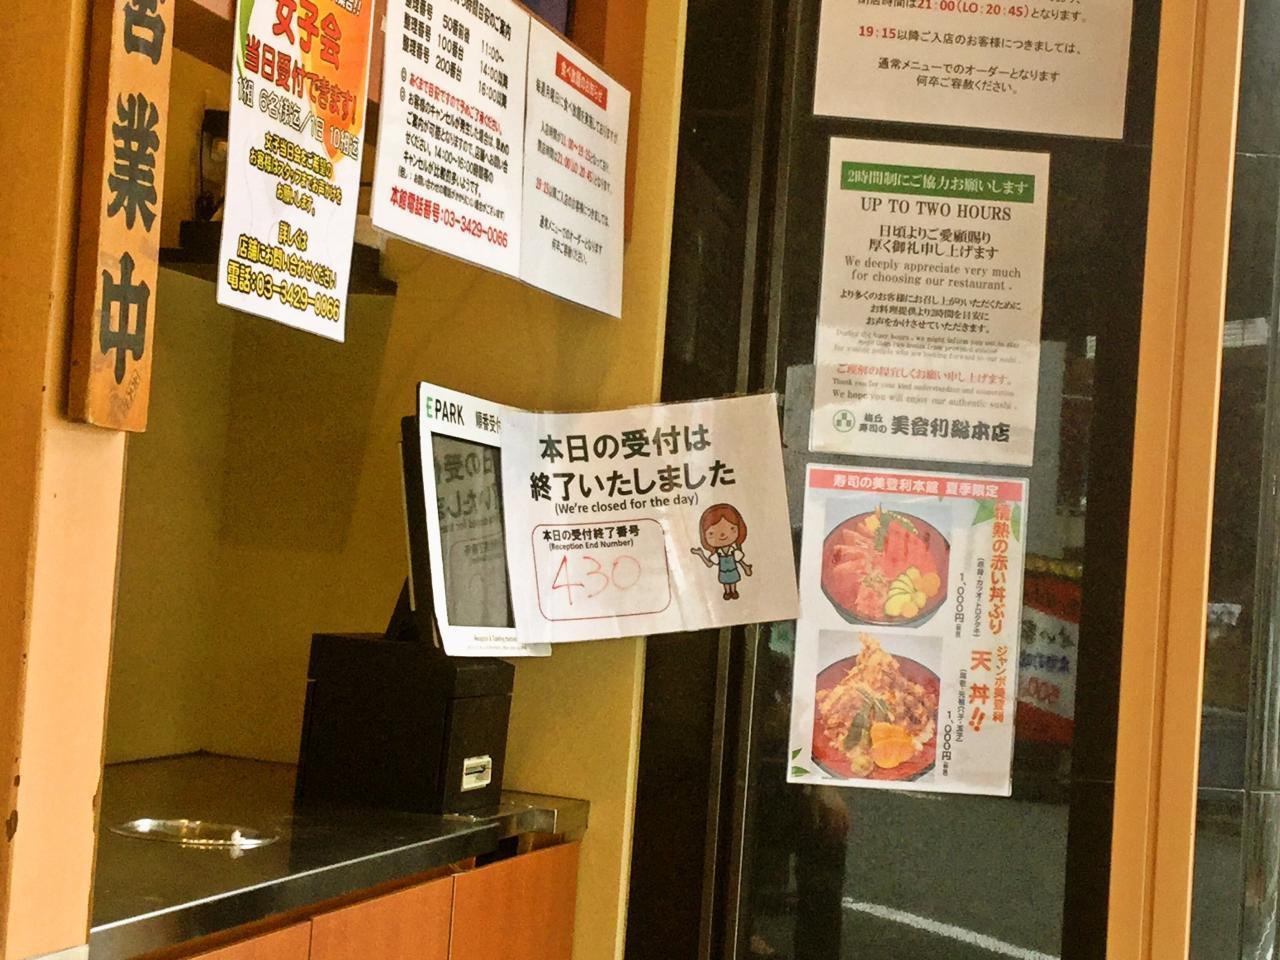 梅丘 寿司の美登利 梅丘本店(店舗)